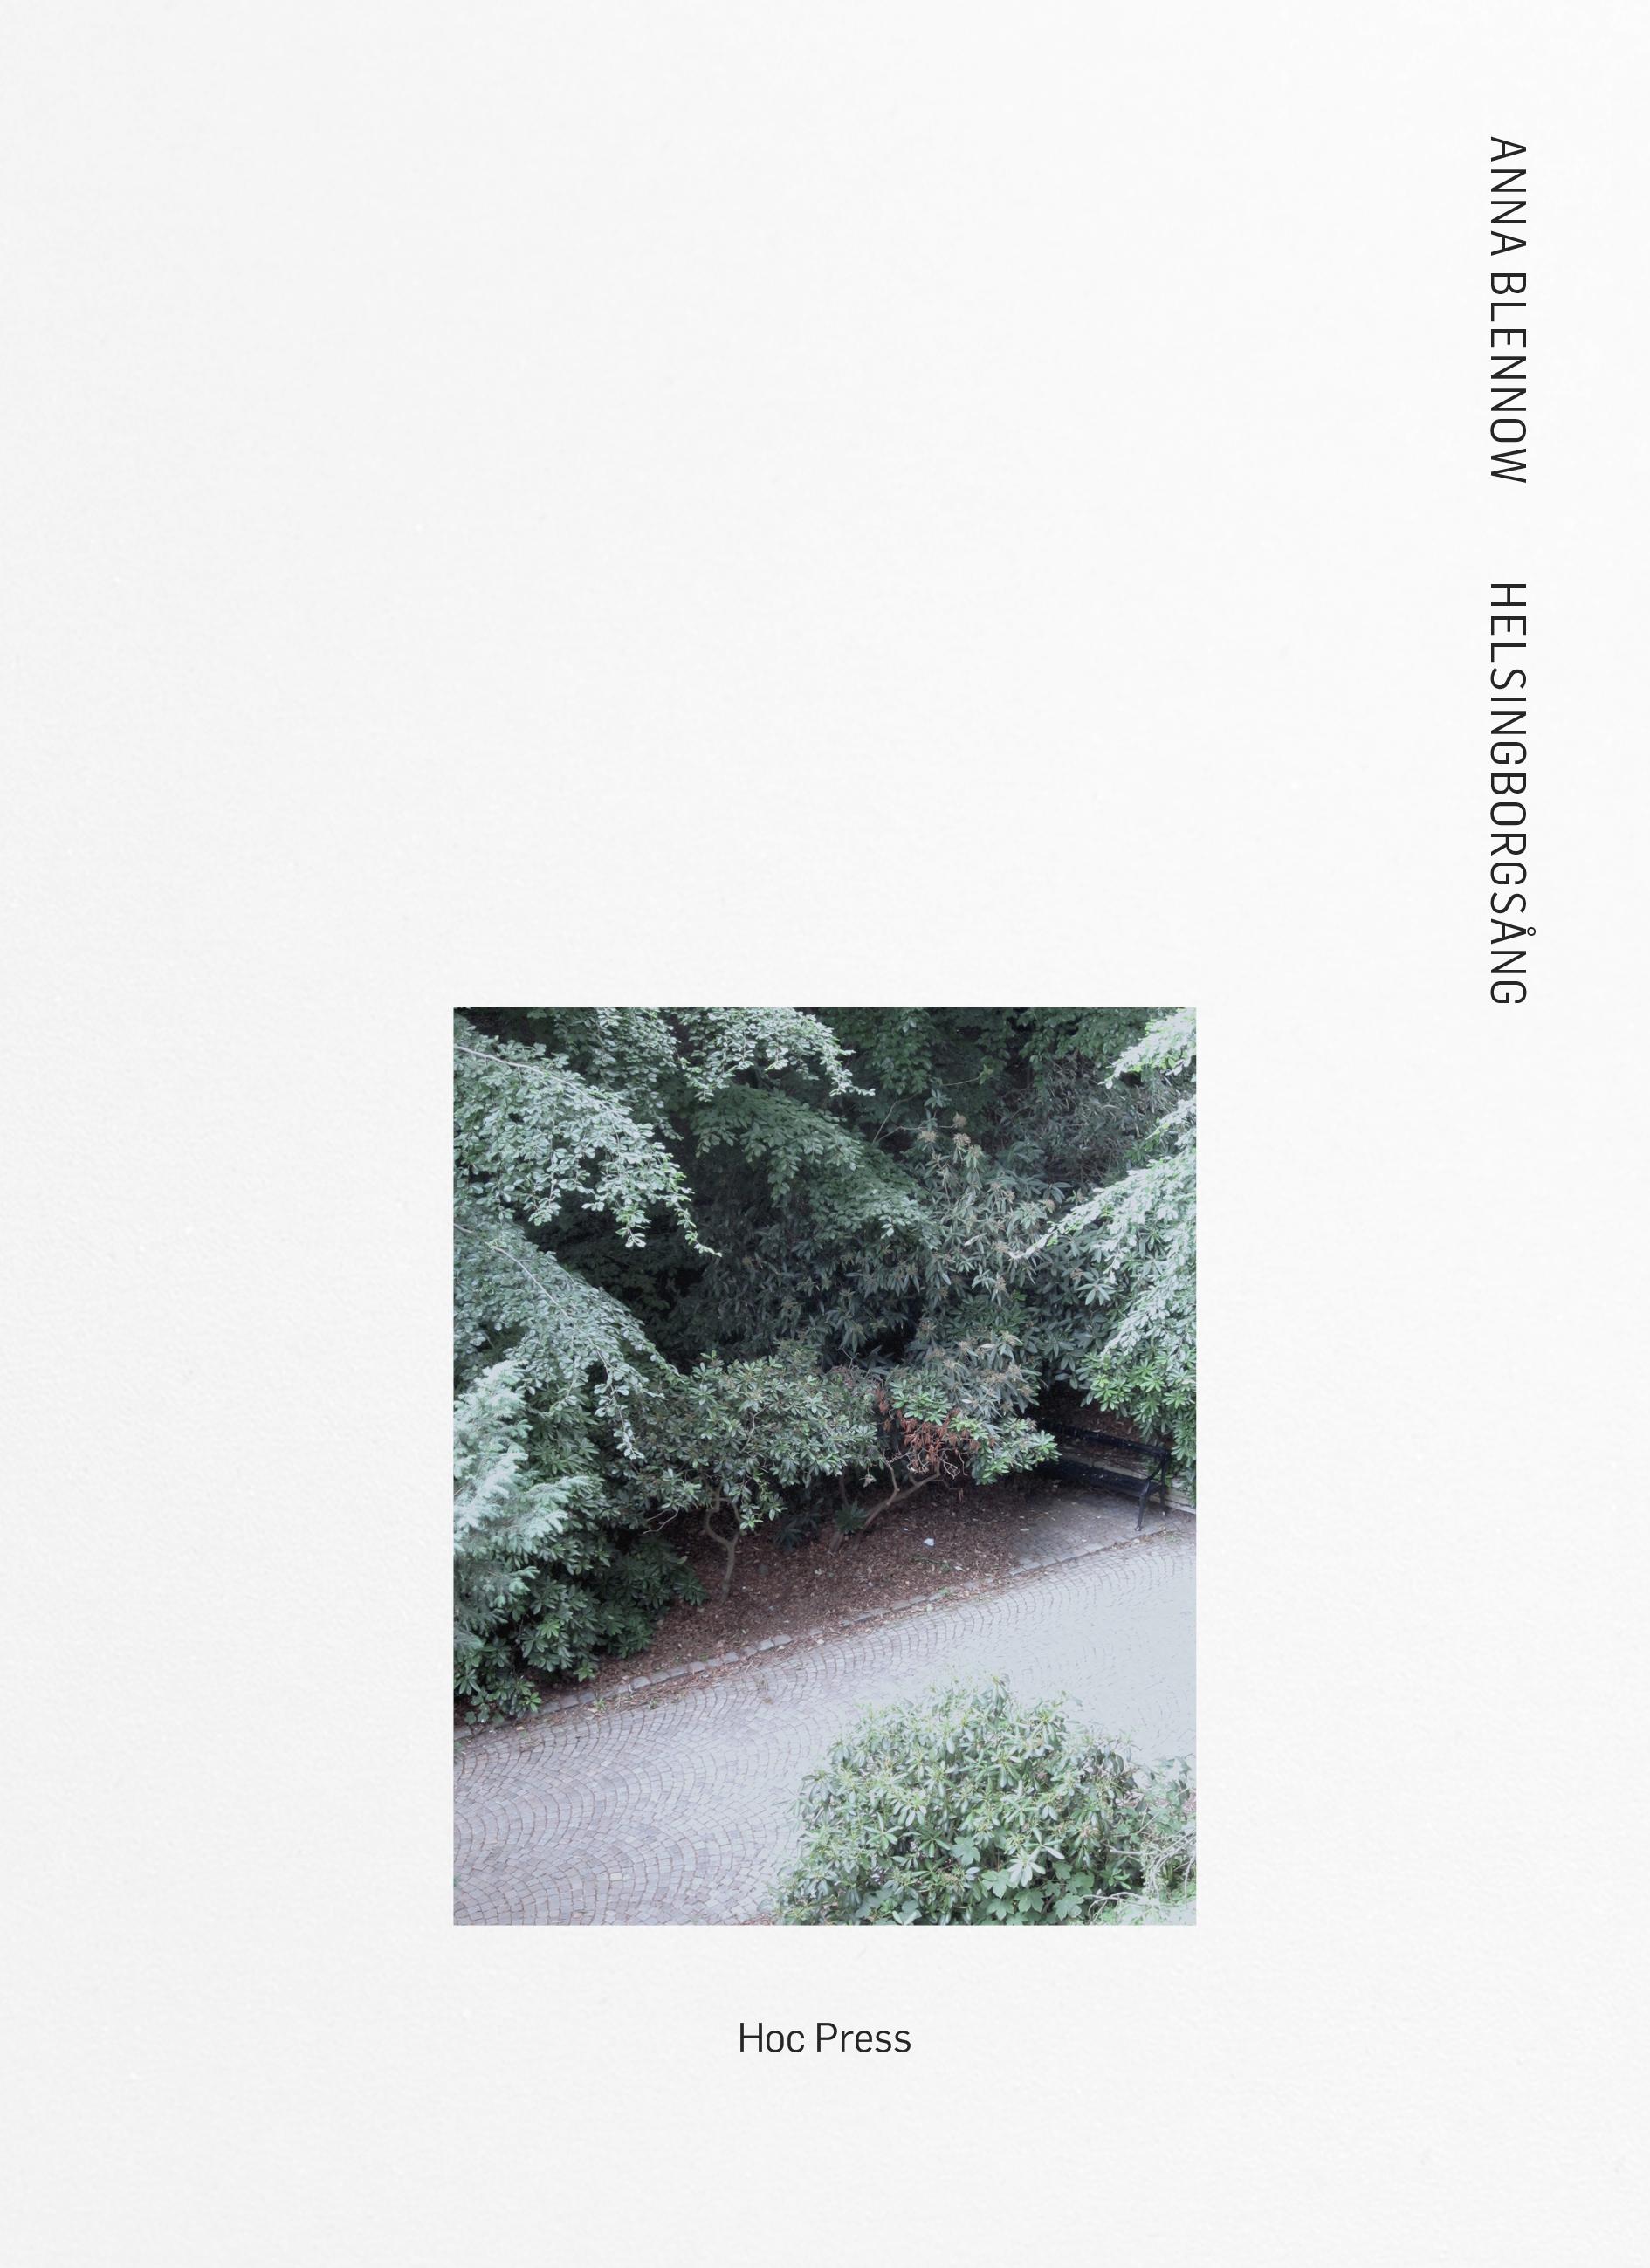 Bokomslag, Anna Blennow, Hoc Press, bokförlag, förlag